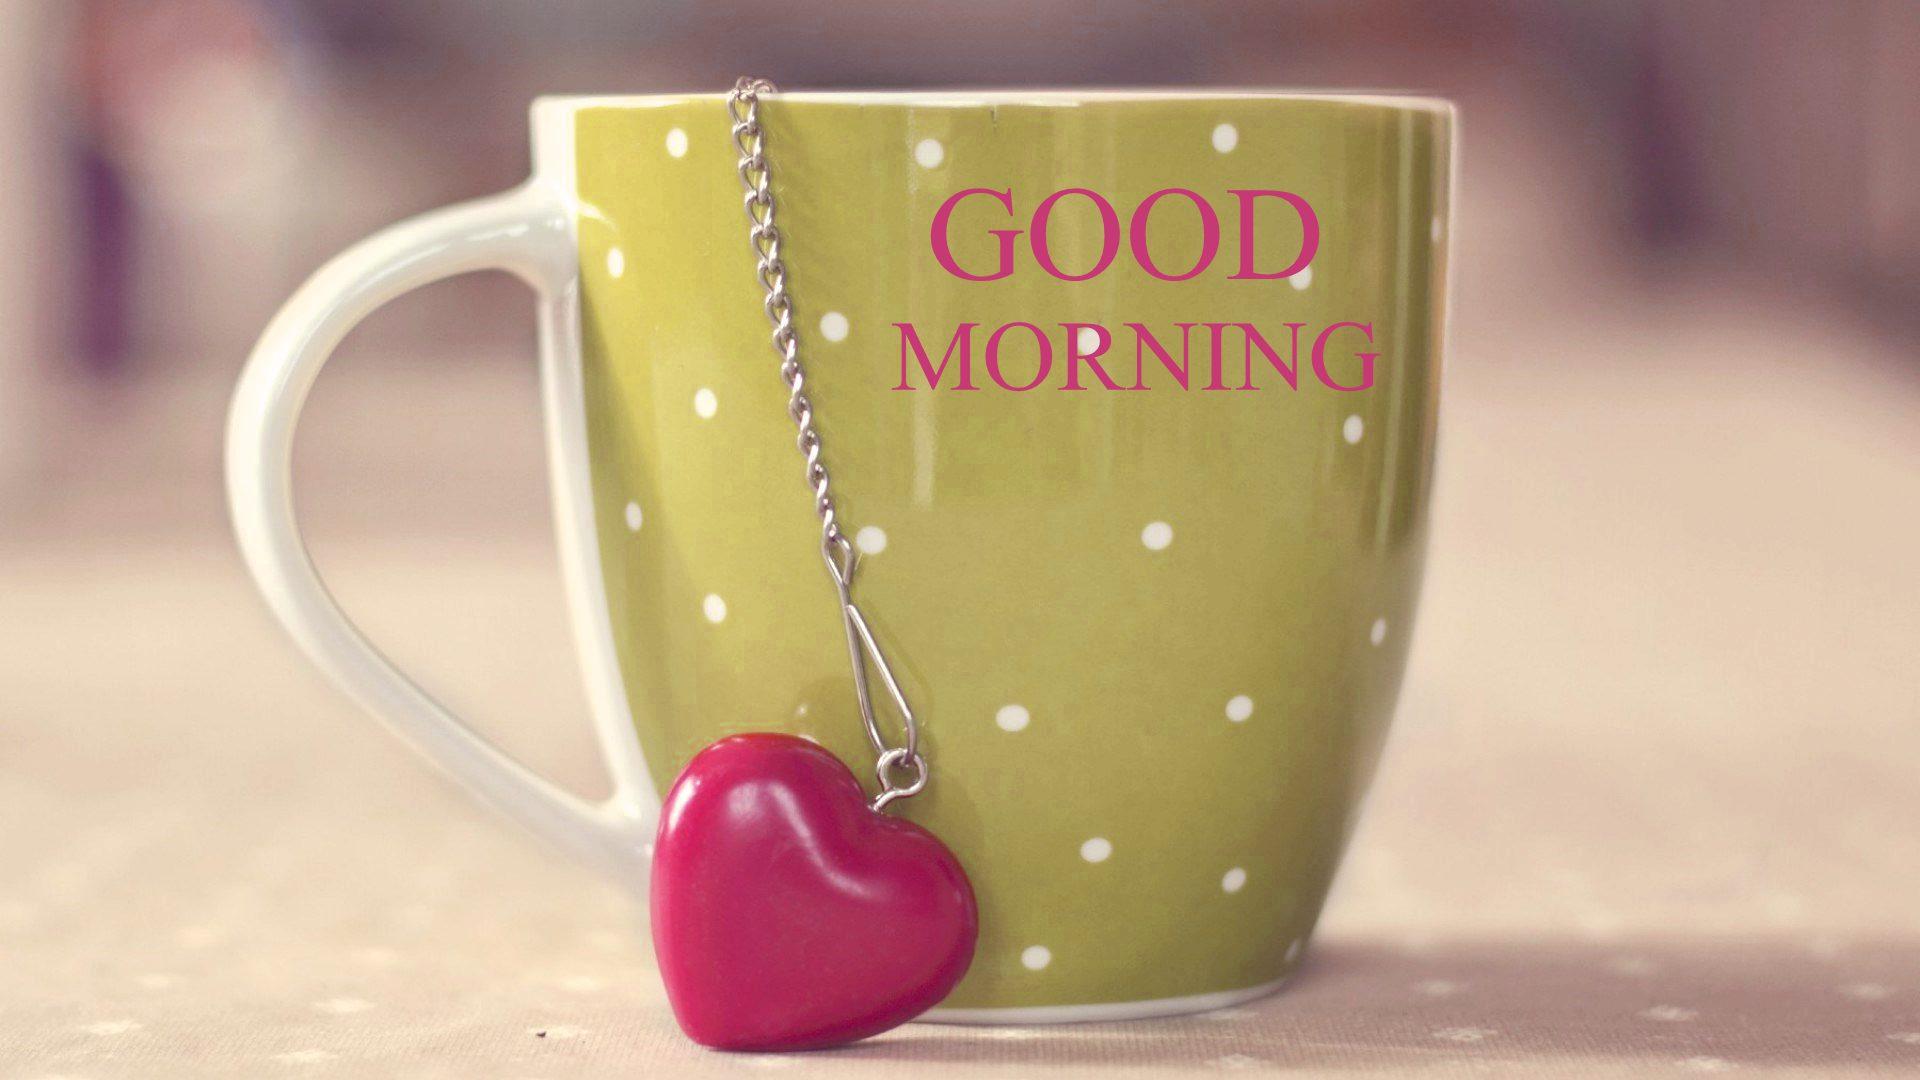 بالصور كلمات صباحية رقيقة , اجمل العبارات الصباحية 2019 3846 8